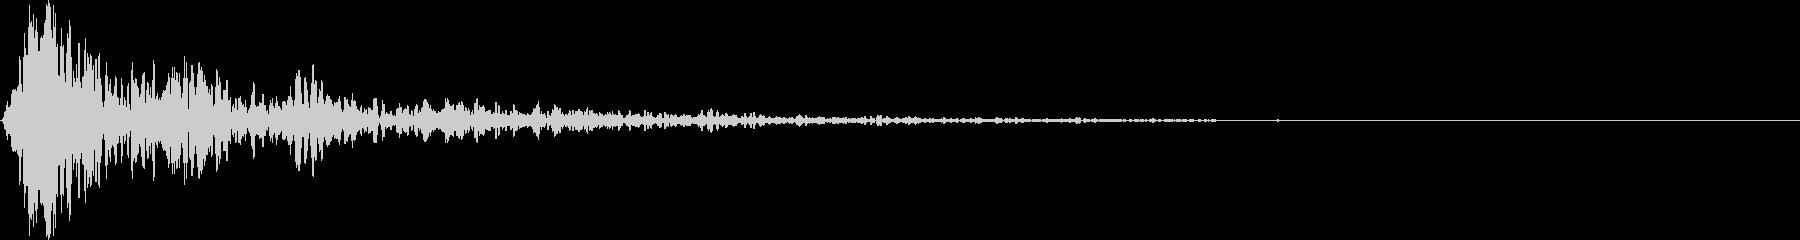 【トレーラー】ガンッッッ!・・・の未再生の波形